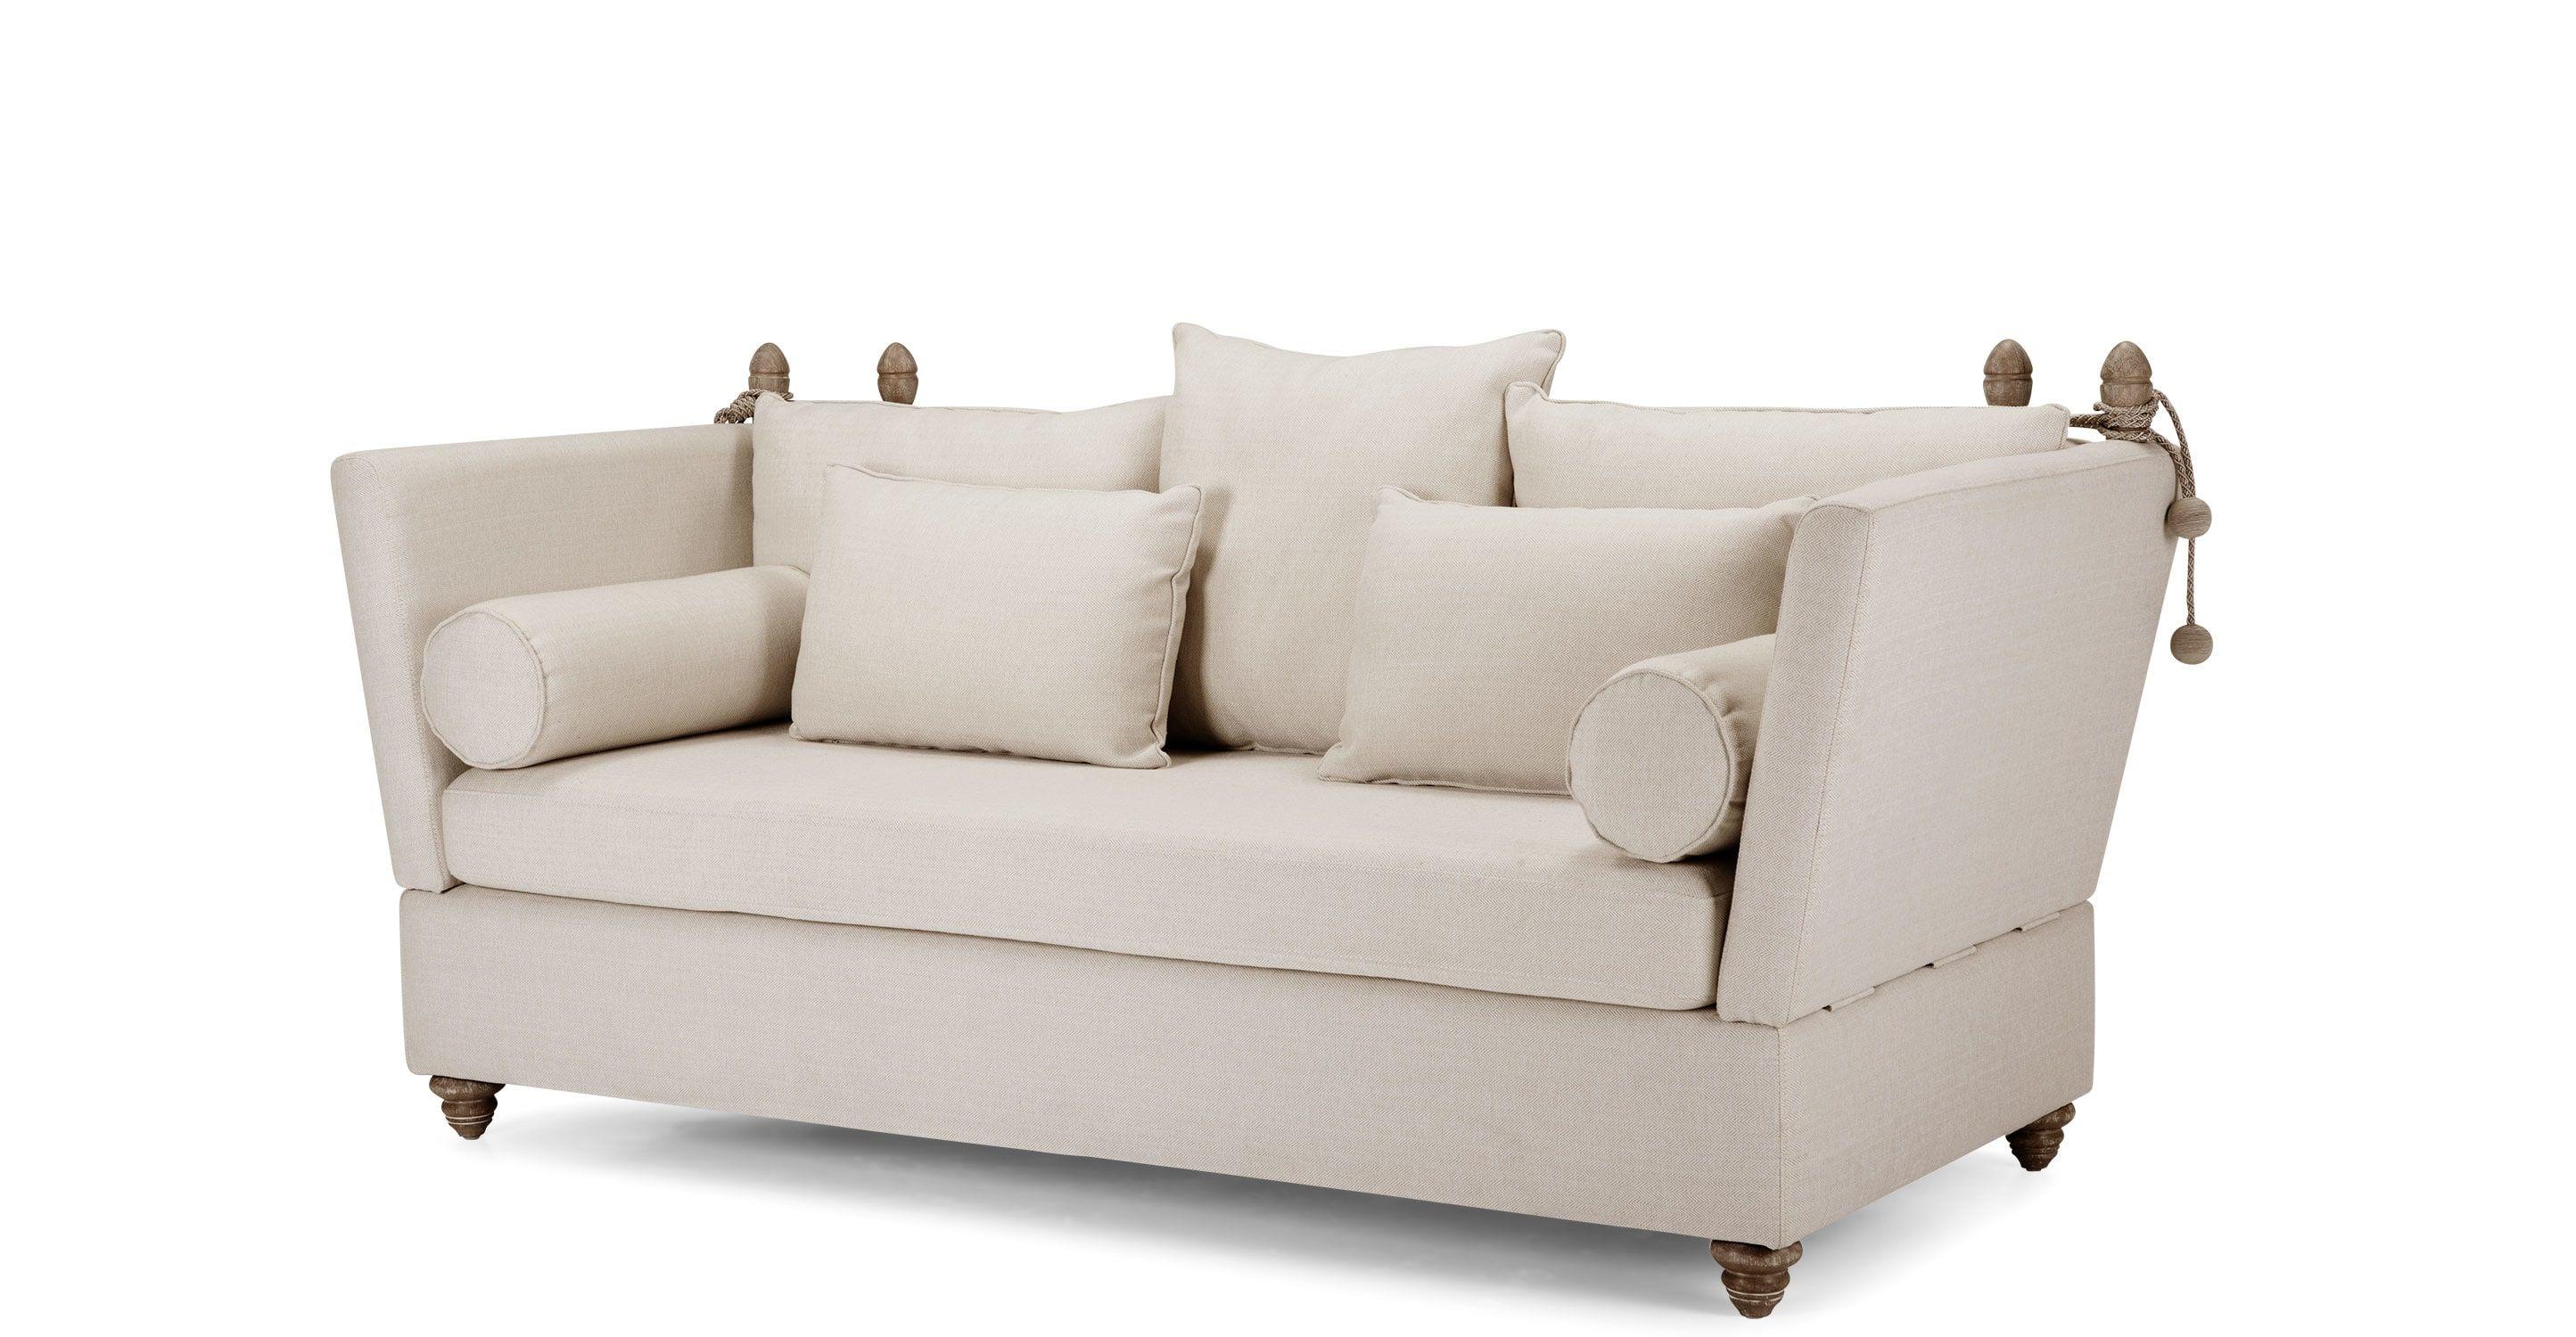 crawley 3 seater sofa, natural chevron | natural and house